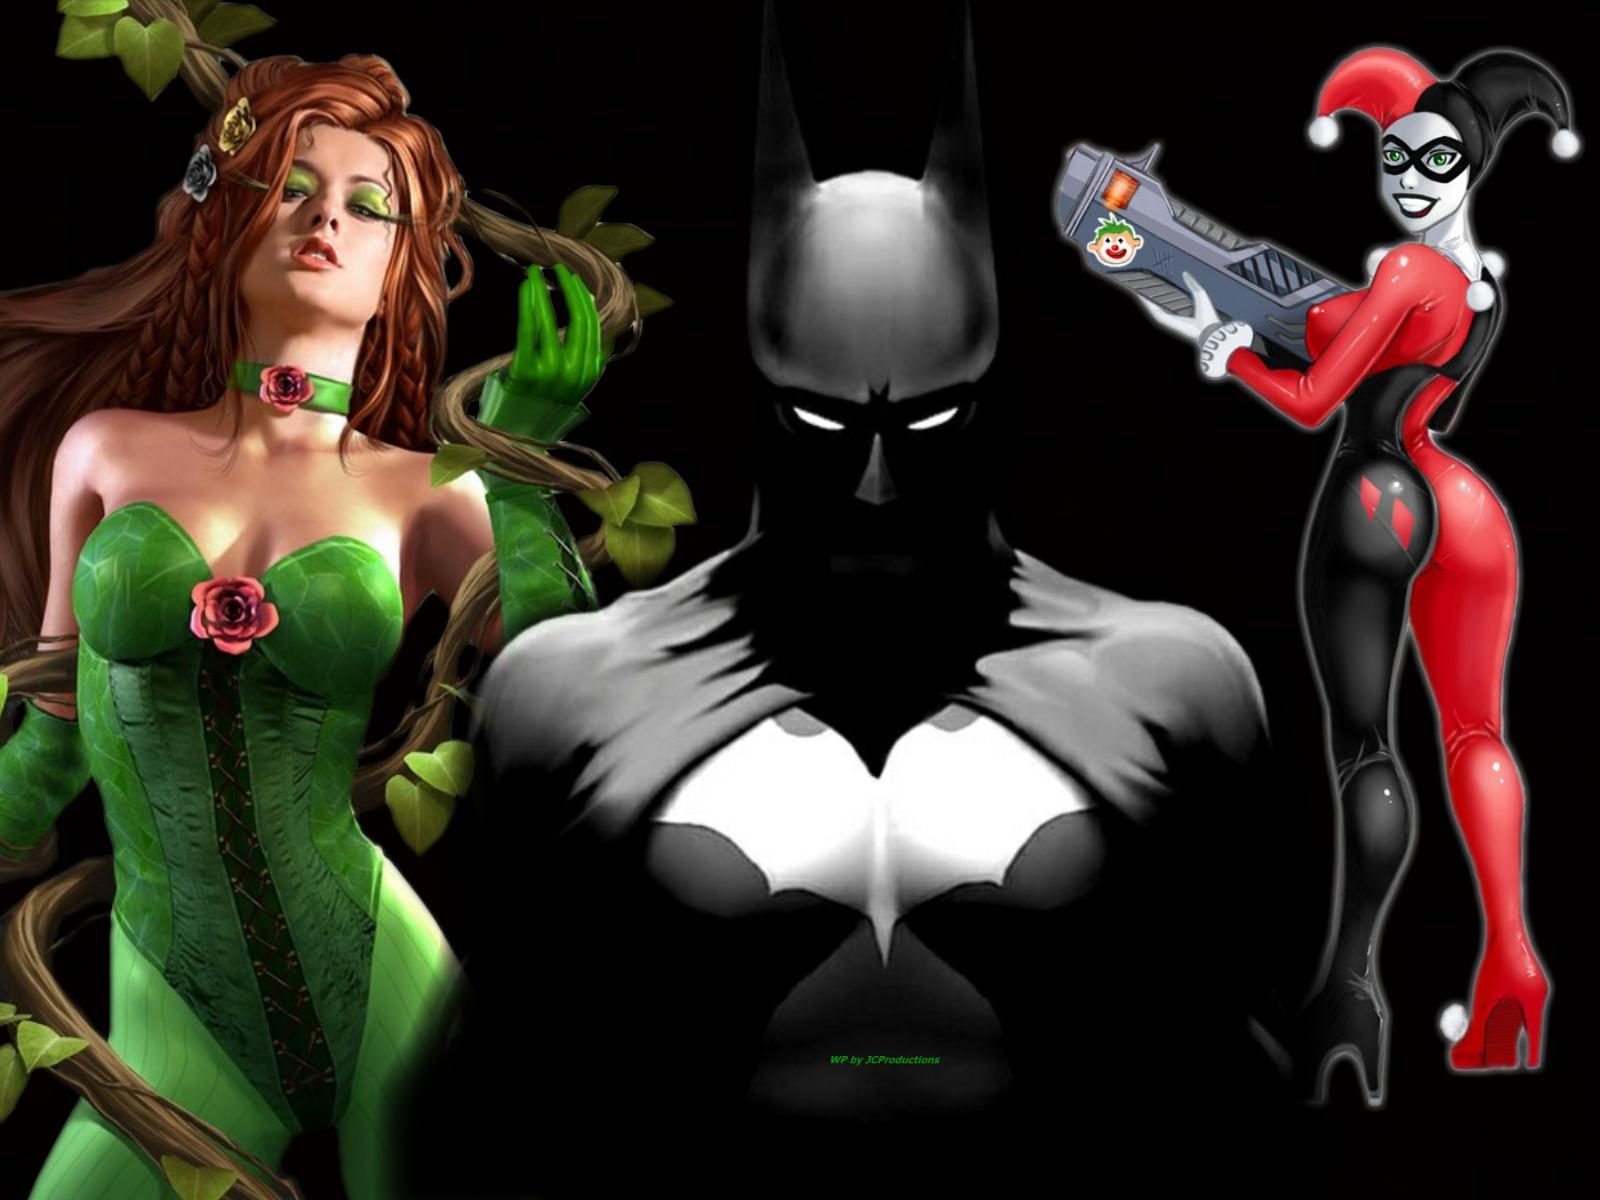 バットマンとキャラクター達の壁紙